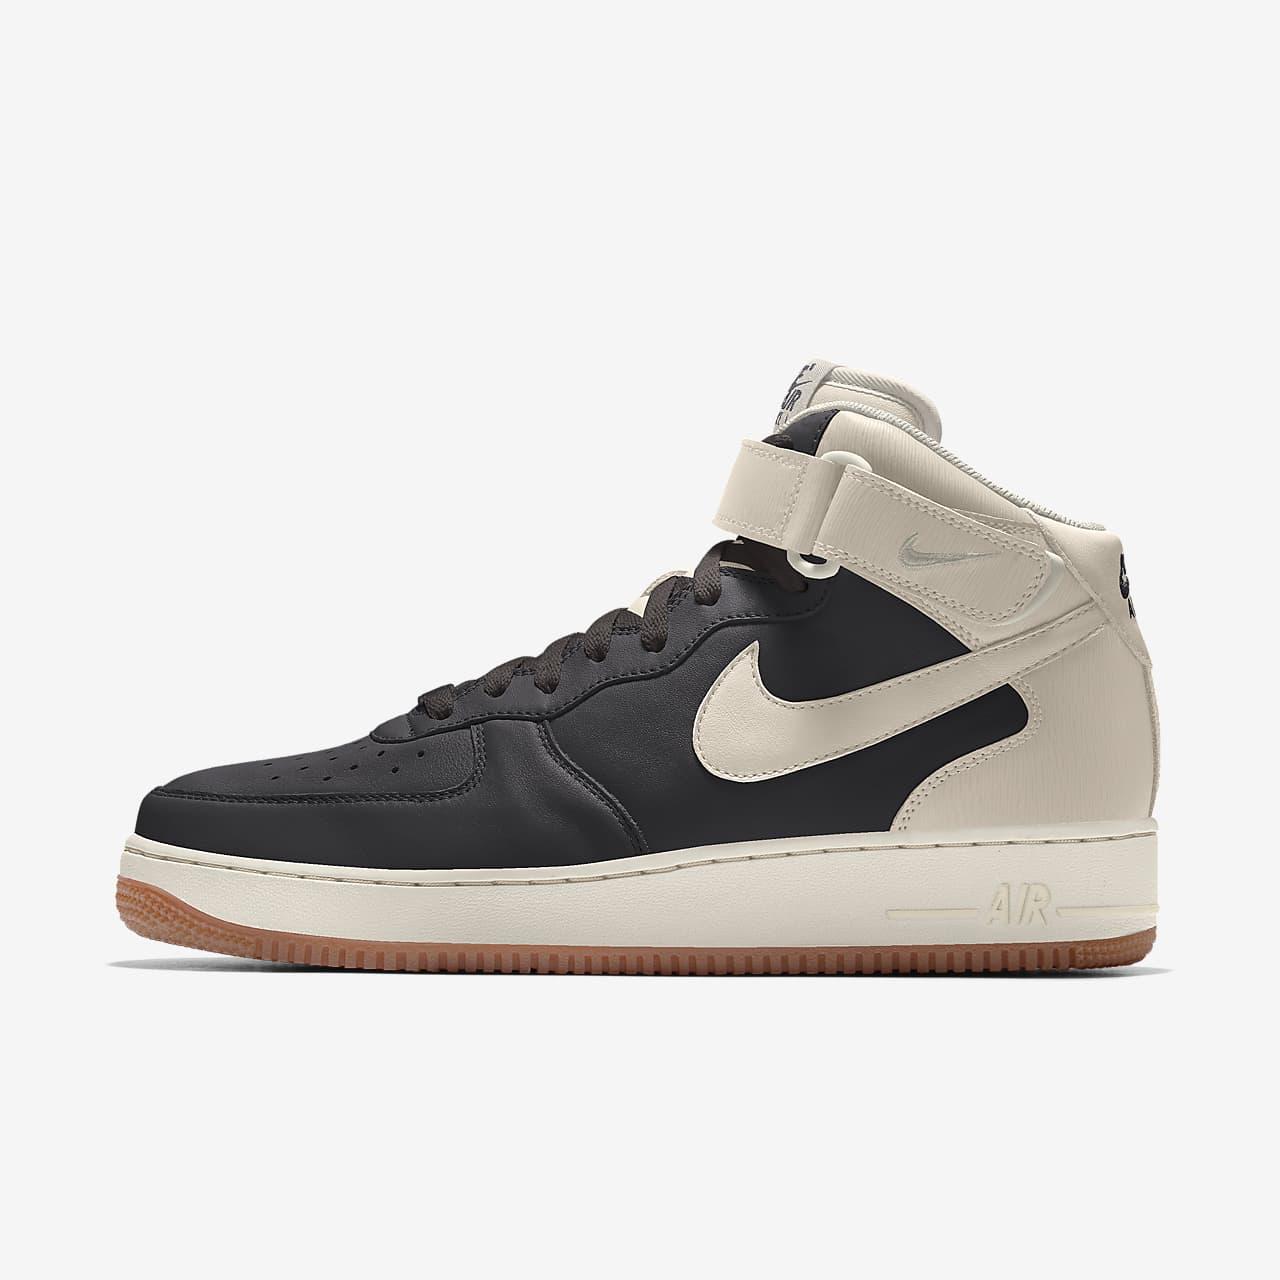 รองเท้าผู้หญิงออกแบบเอง Nike Air Force 1 Mid By You